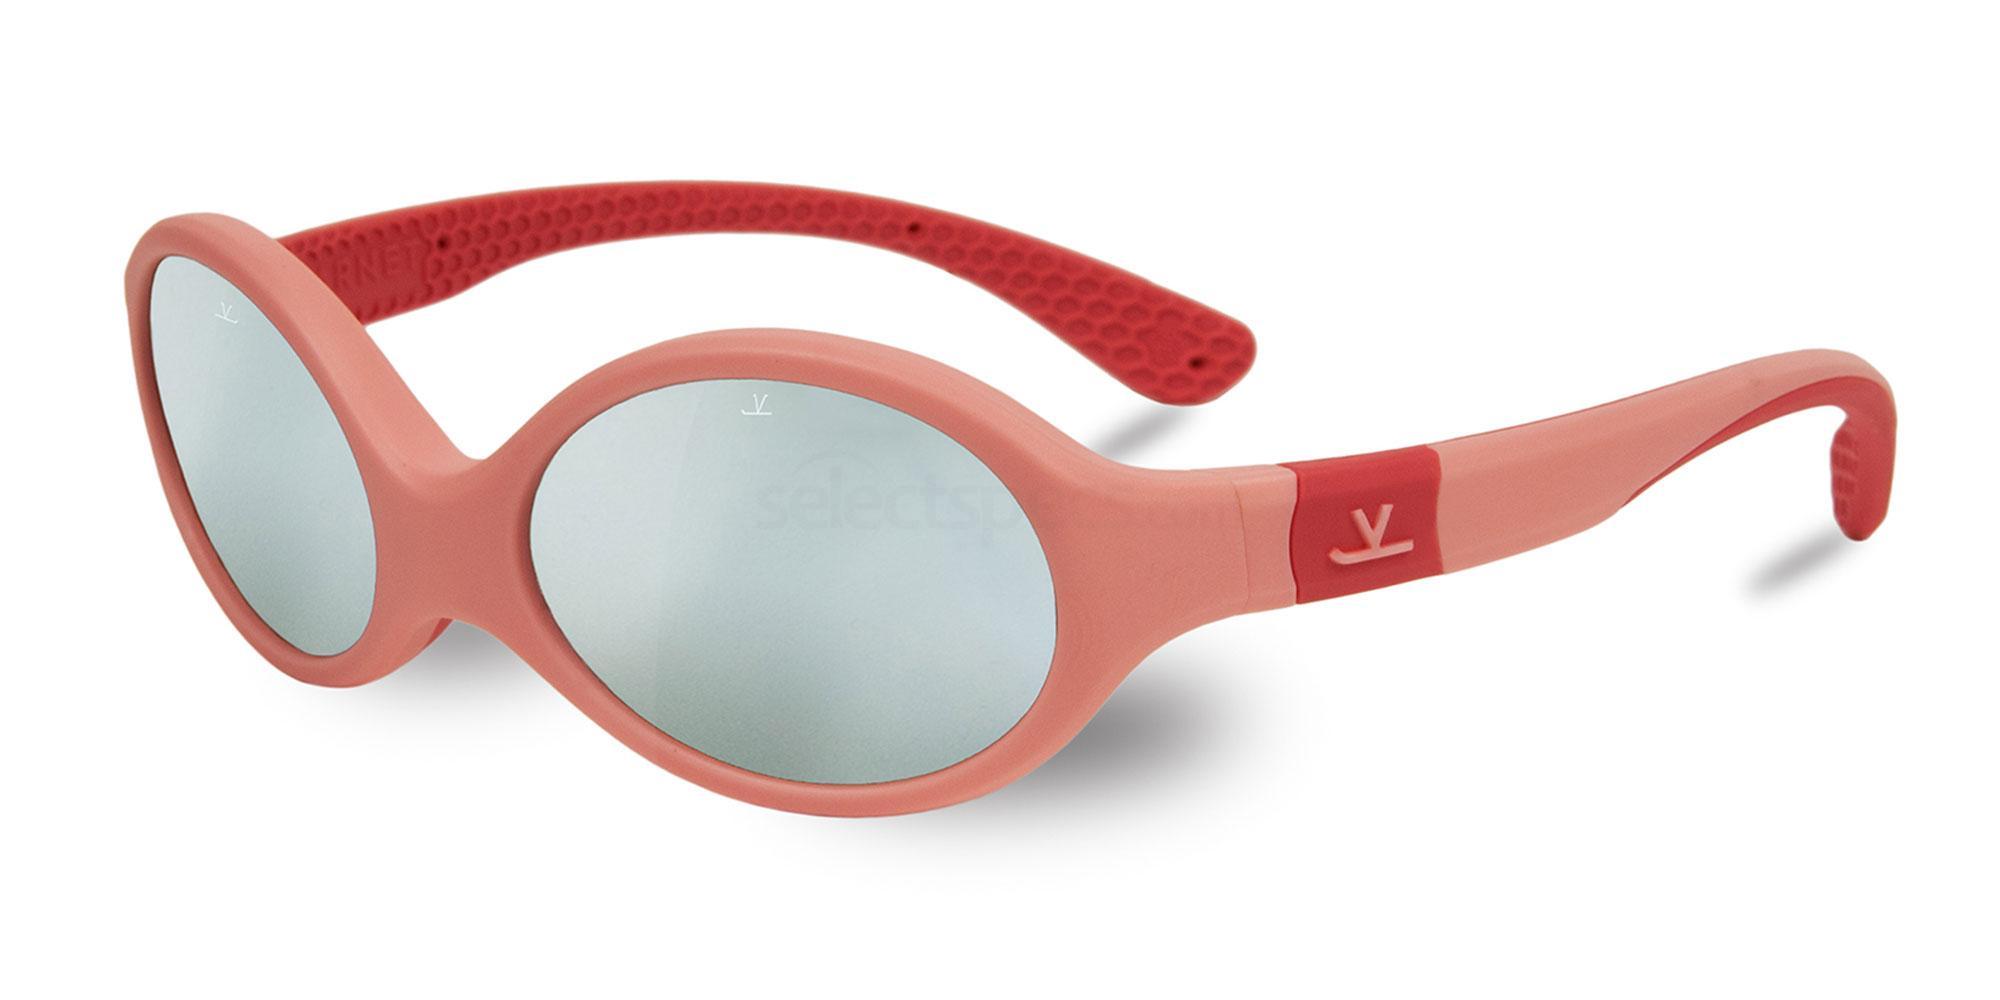 VL170100012285 VL1701 (0-3 yesrs) Sunglasses, Vuarnet KIDS